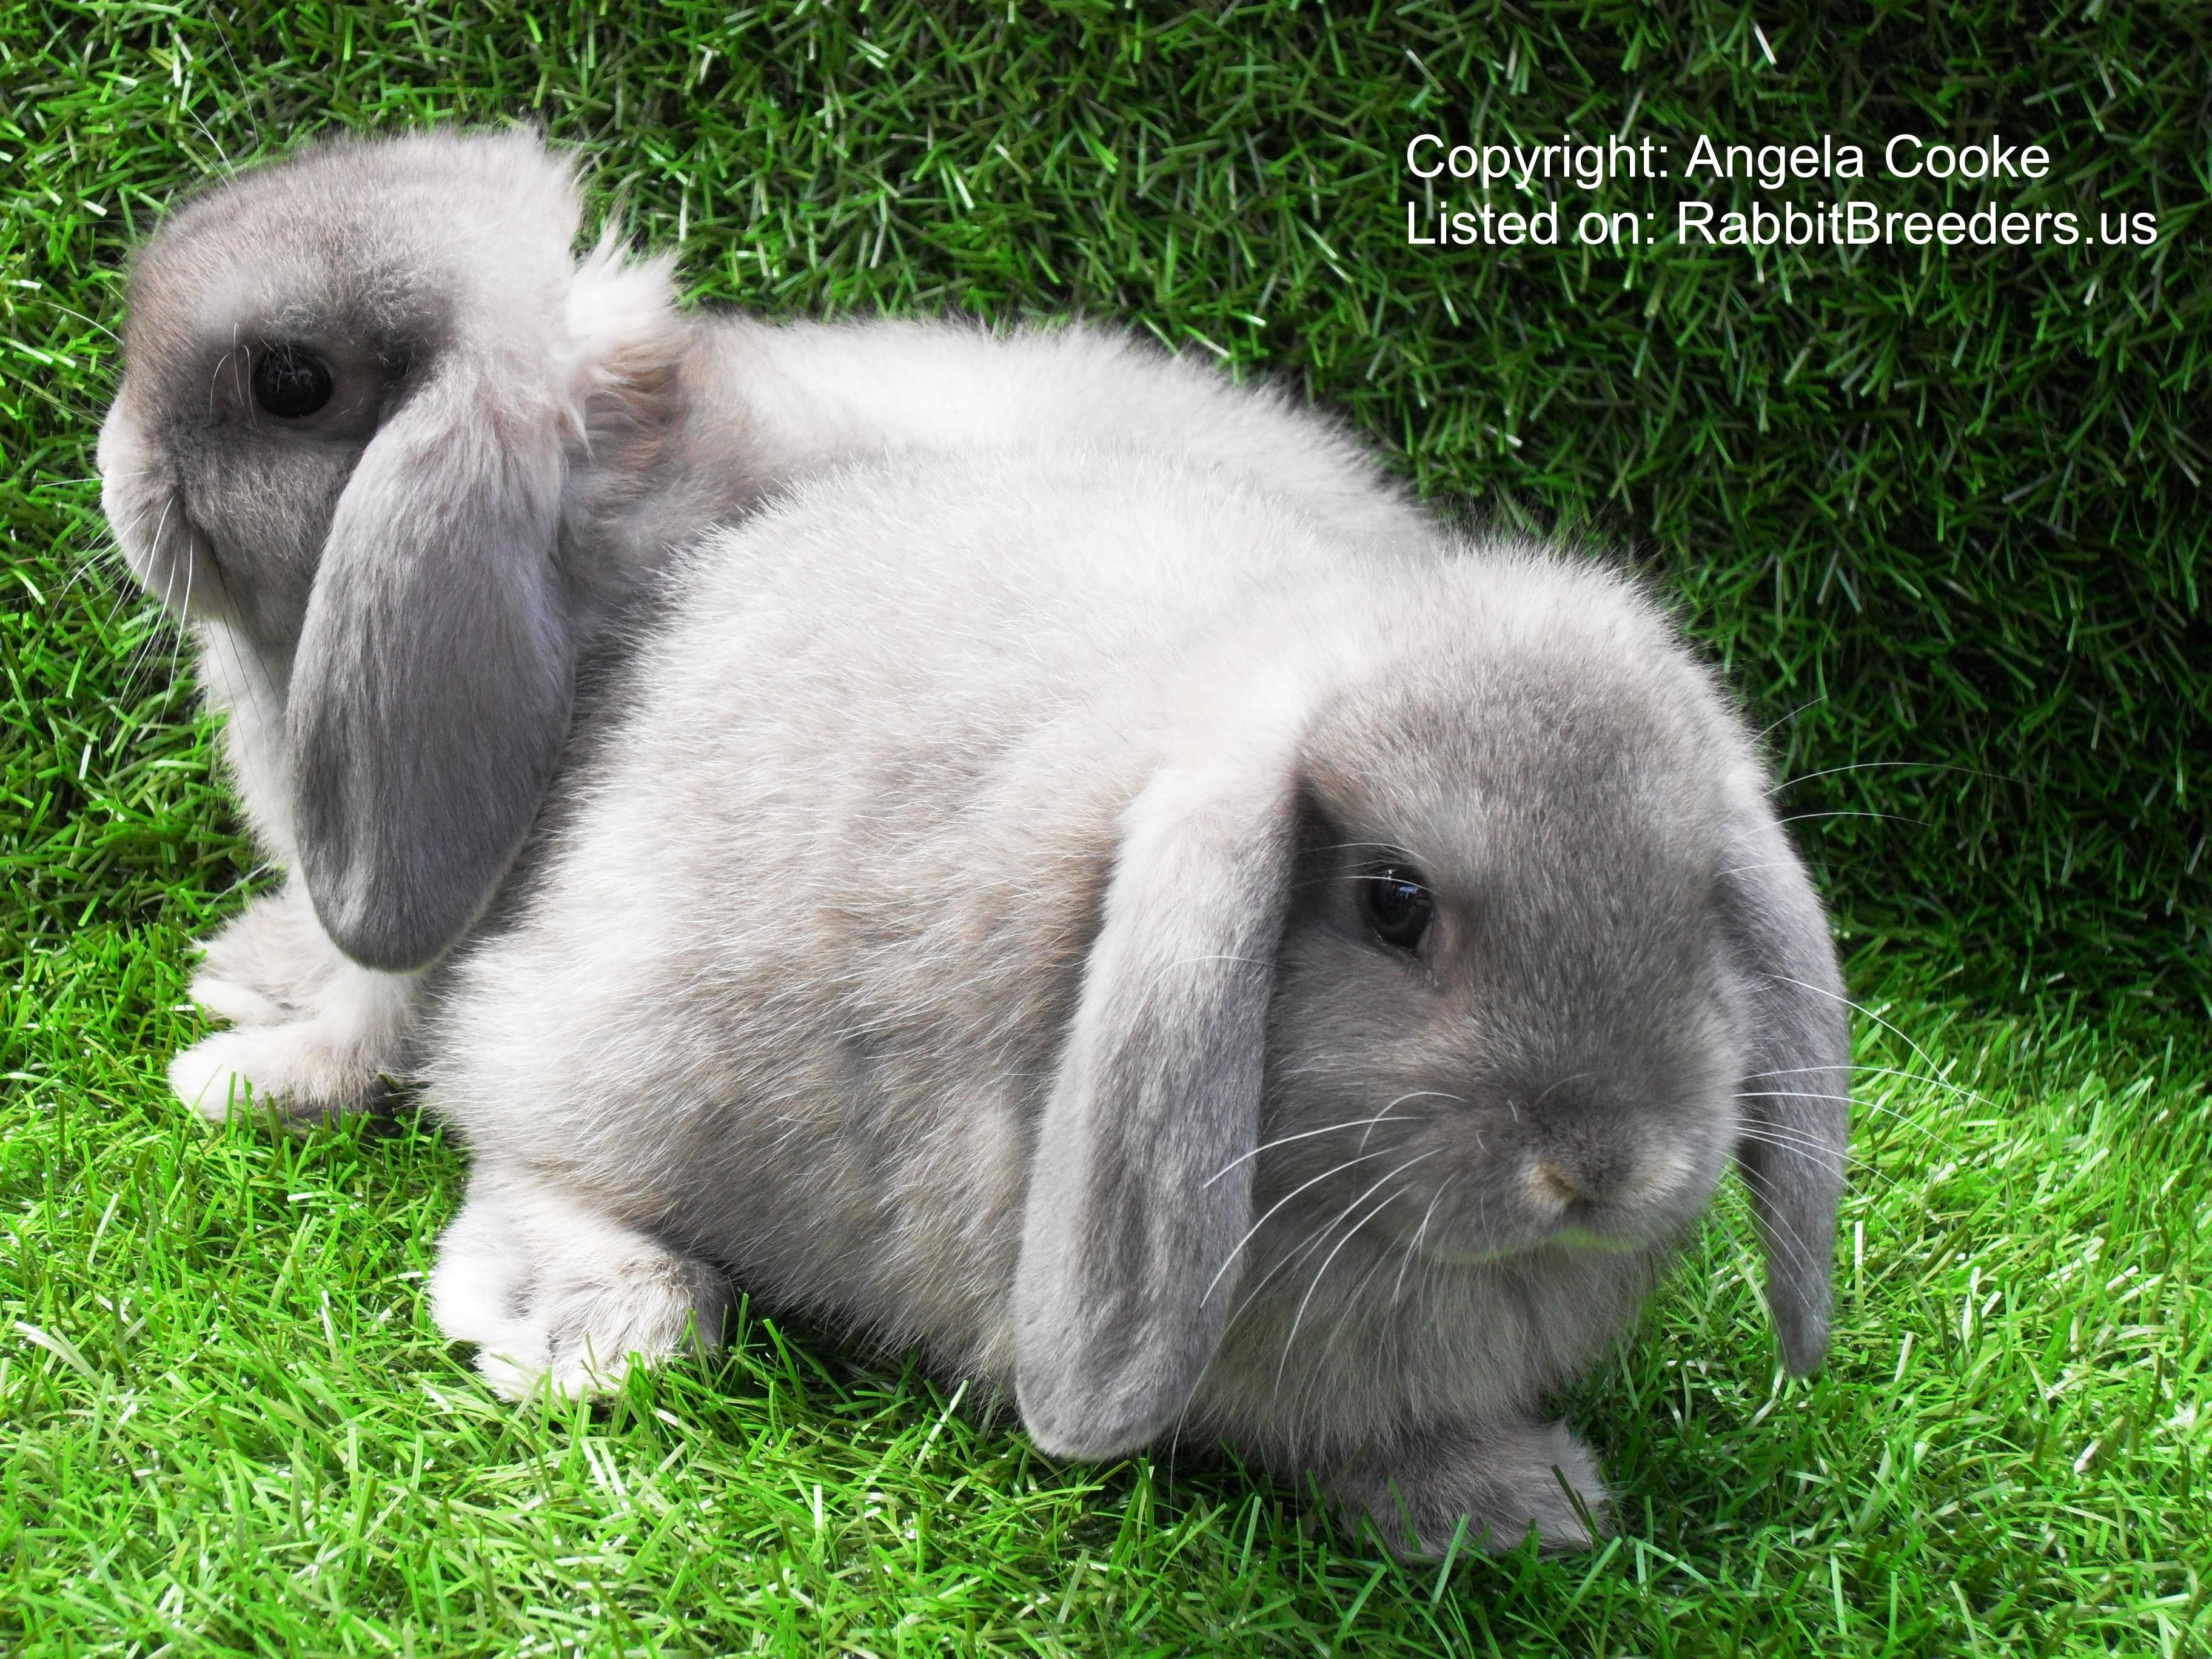 Dwarf Lop Rabbits